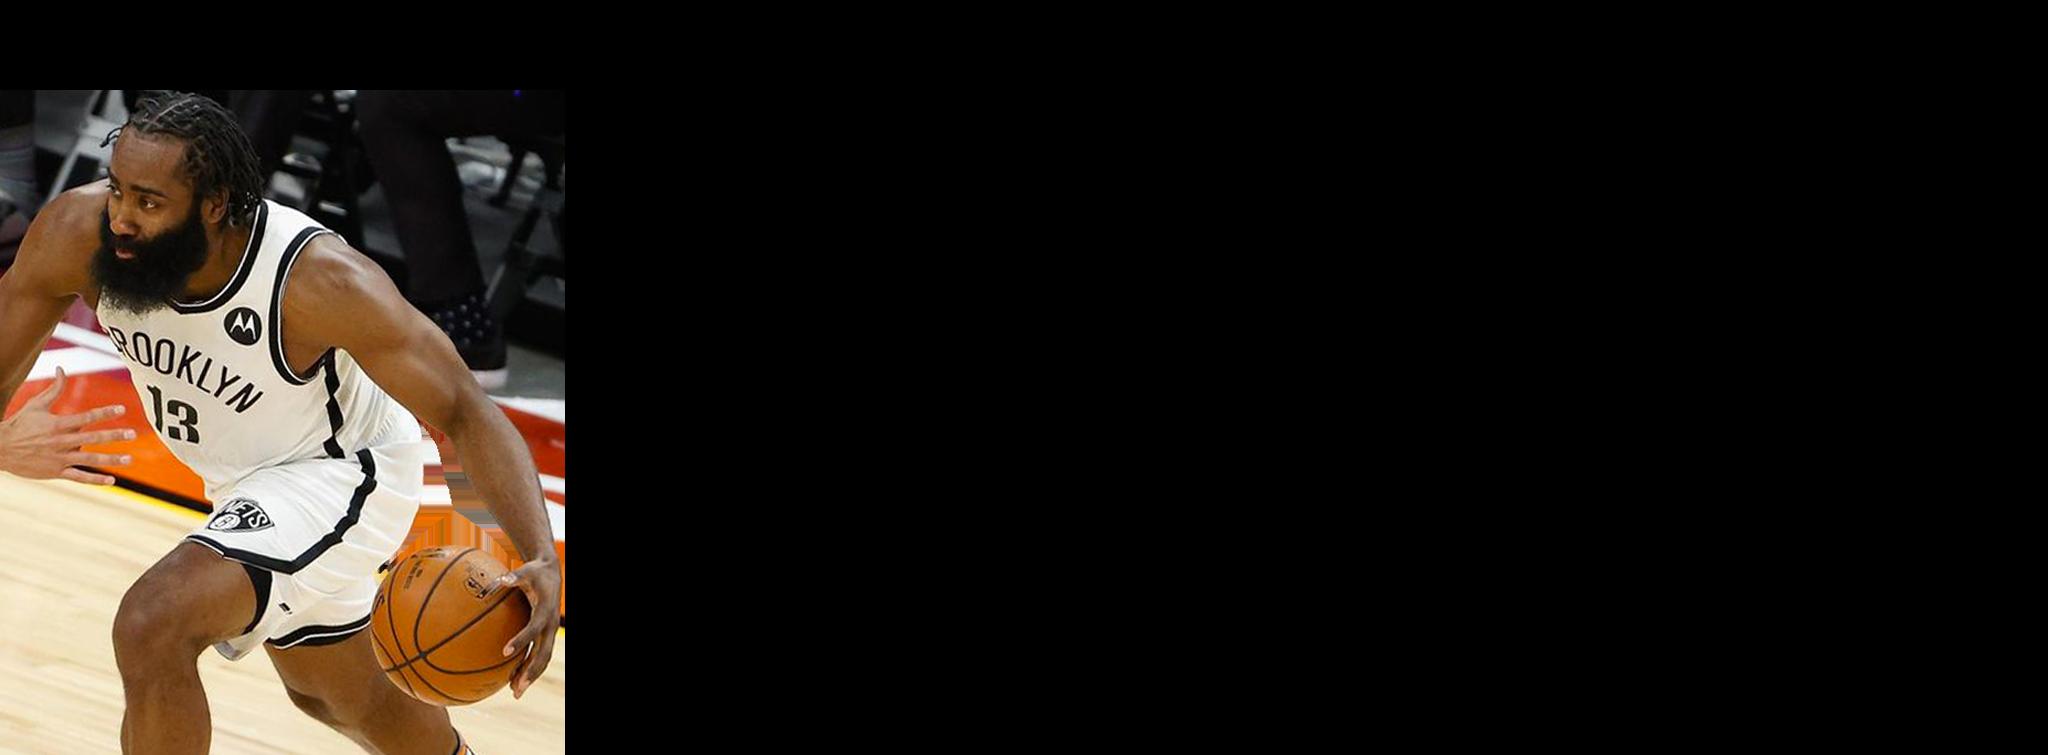 hardengiocatore